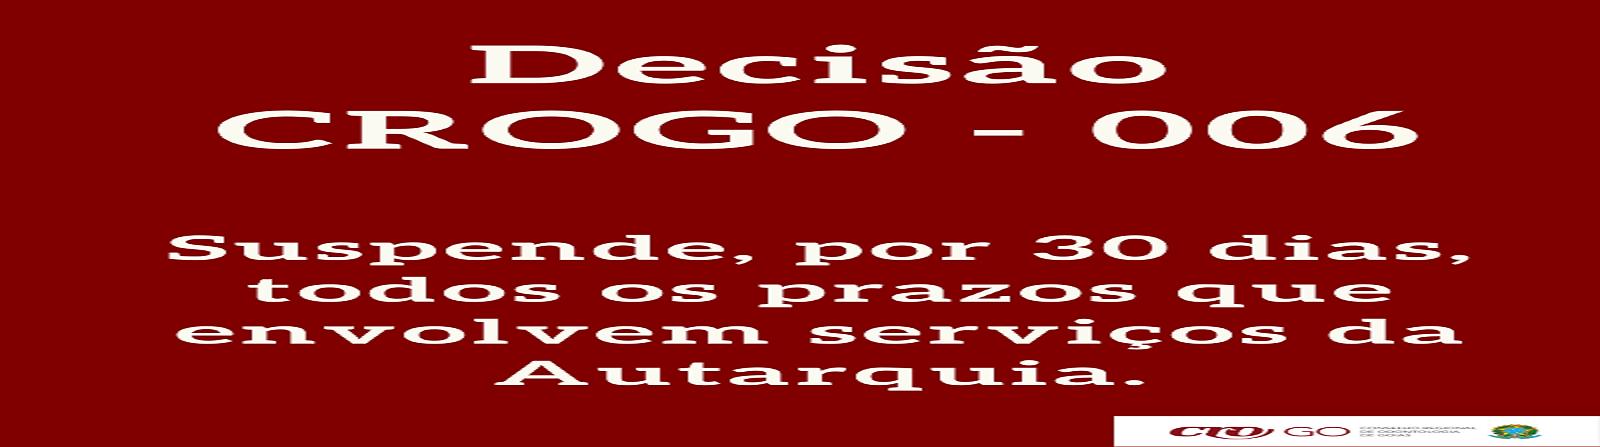 Deciso_CROGO_-_006_-_1600_x_447